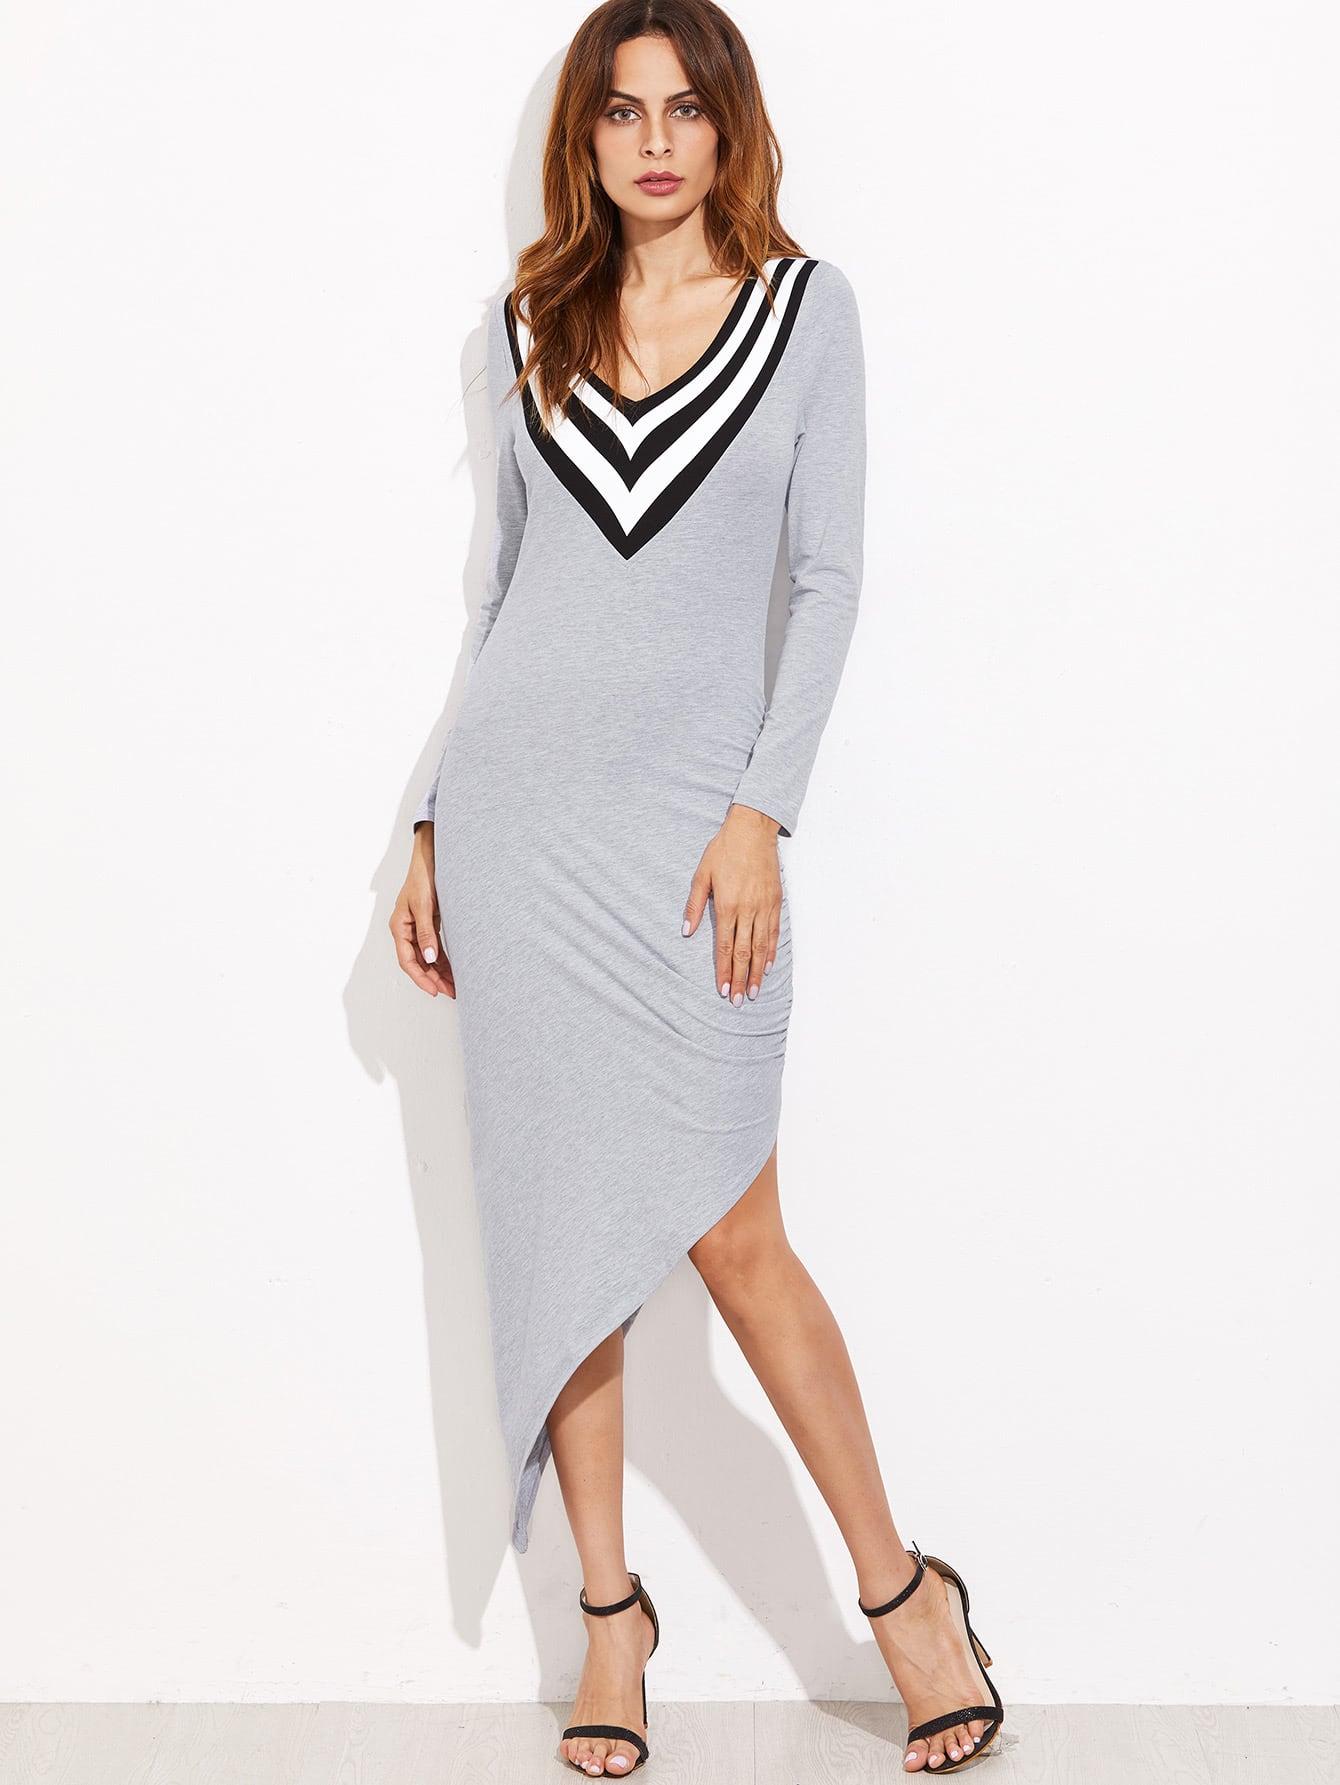 dress161025717_2